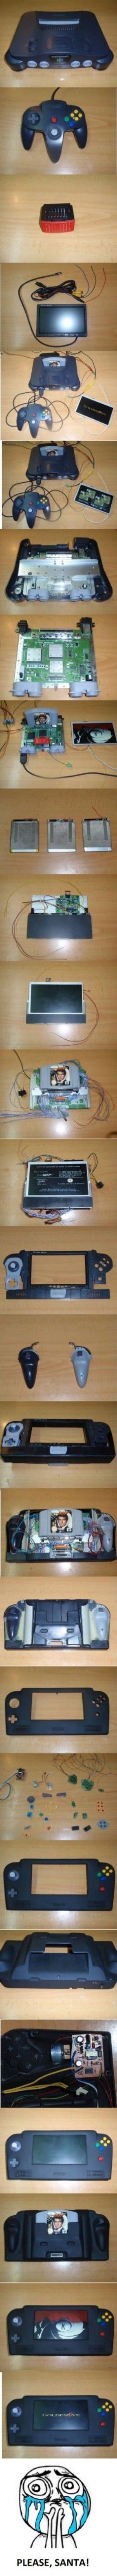 portable-n64